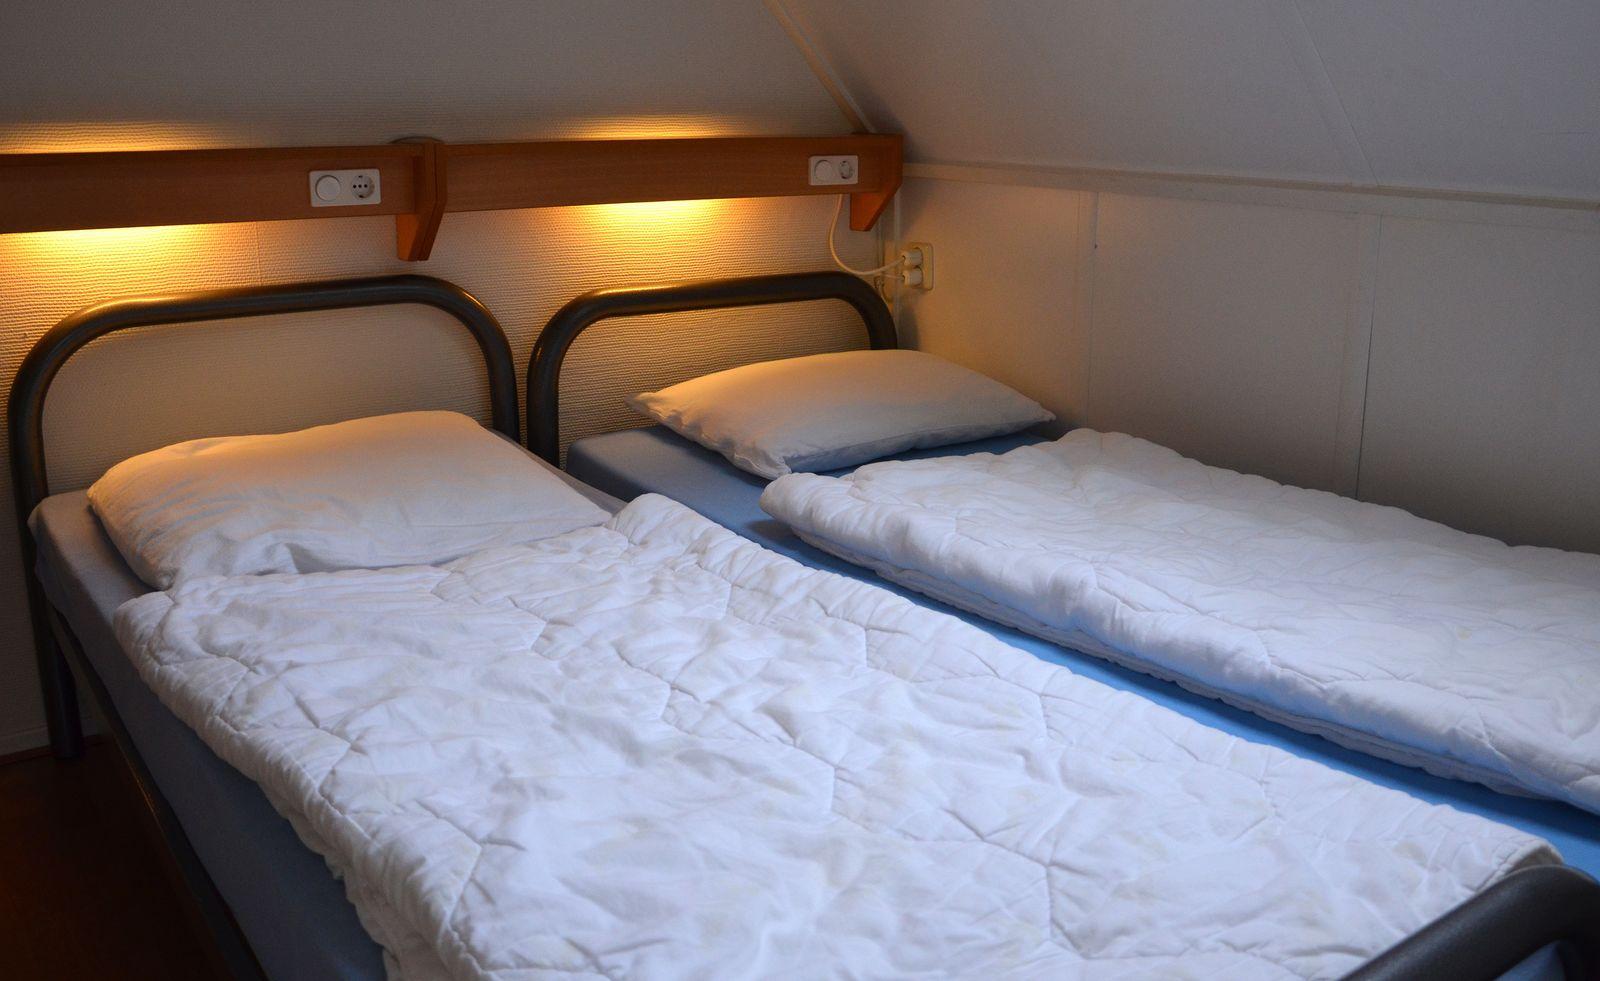 Afbeelding van Vakantiewoning geschikt voor 12 personen